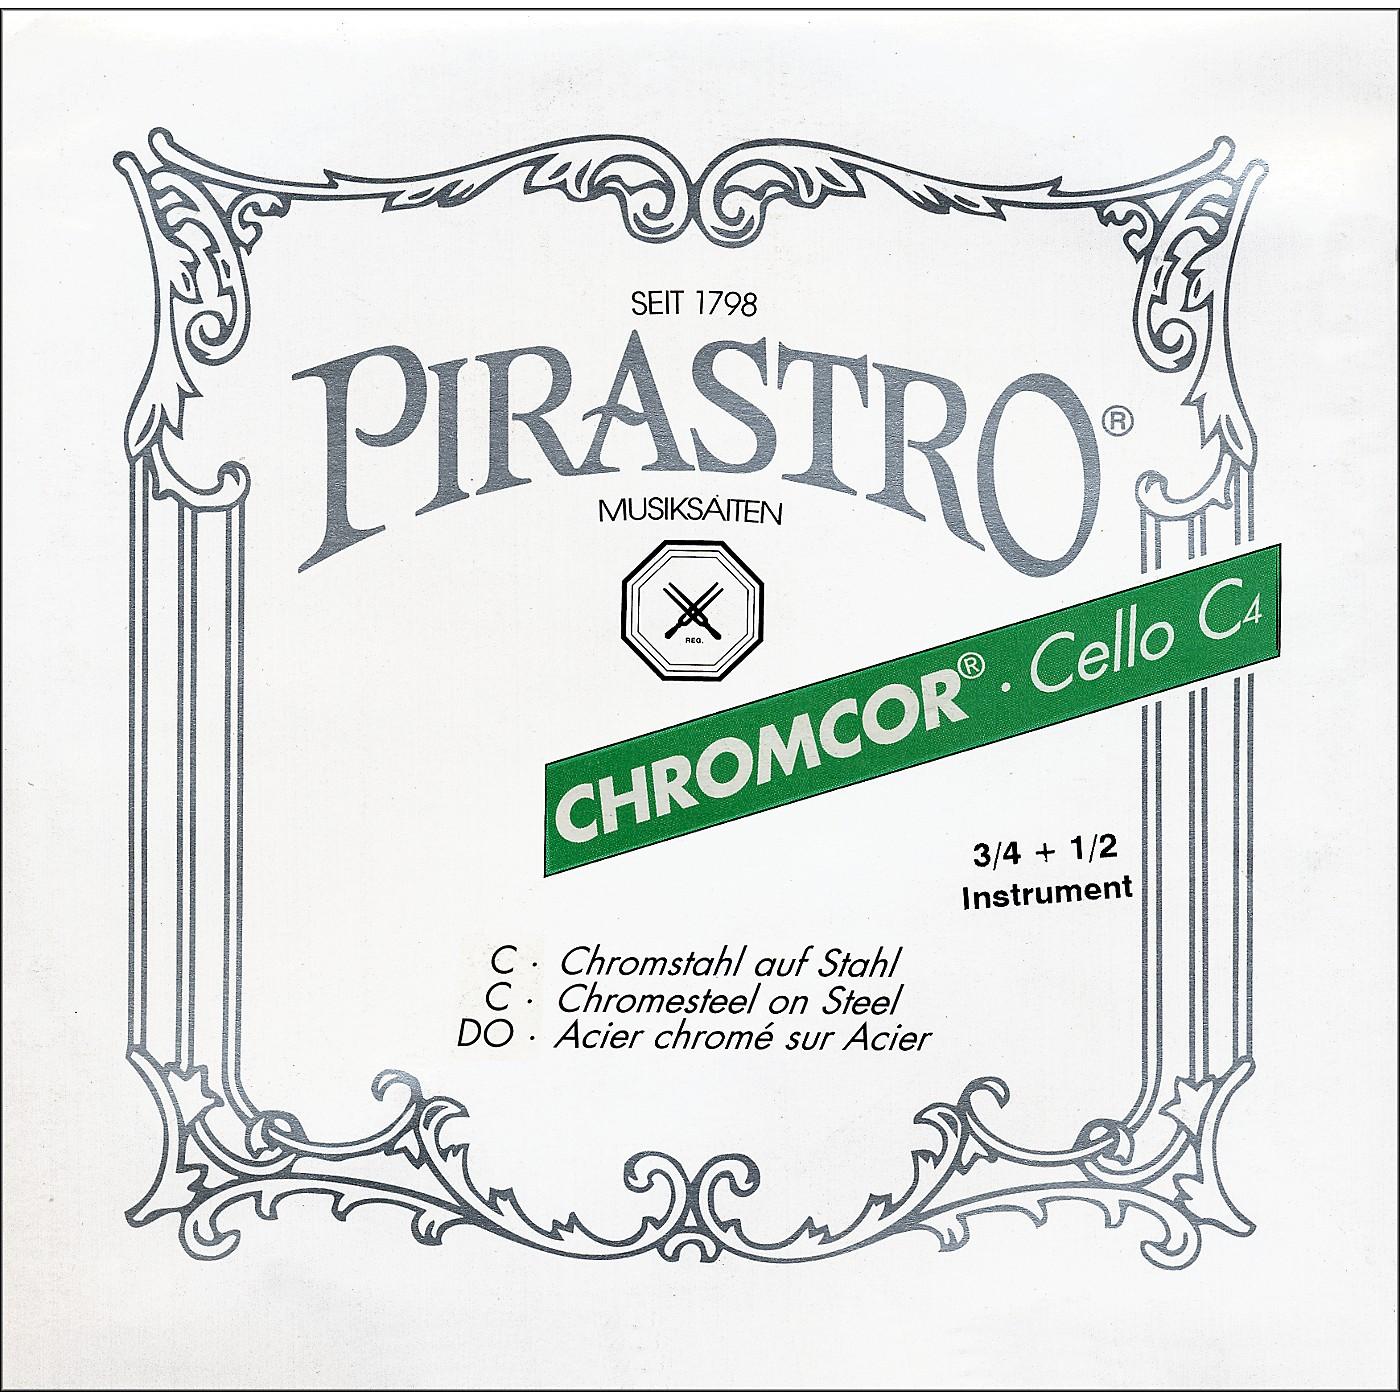 Pirastro Chromcor Series Cello String Set thumbnail